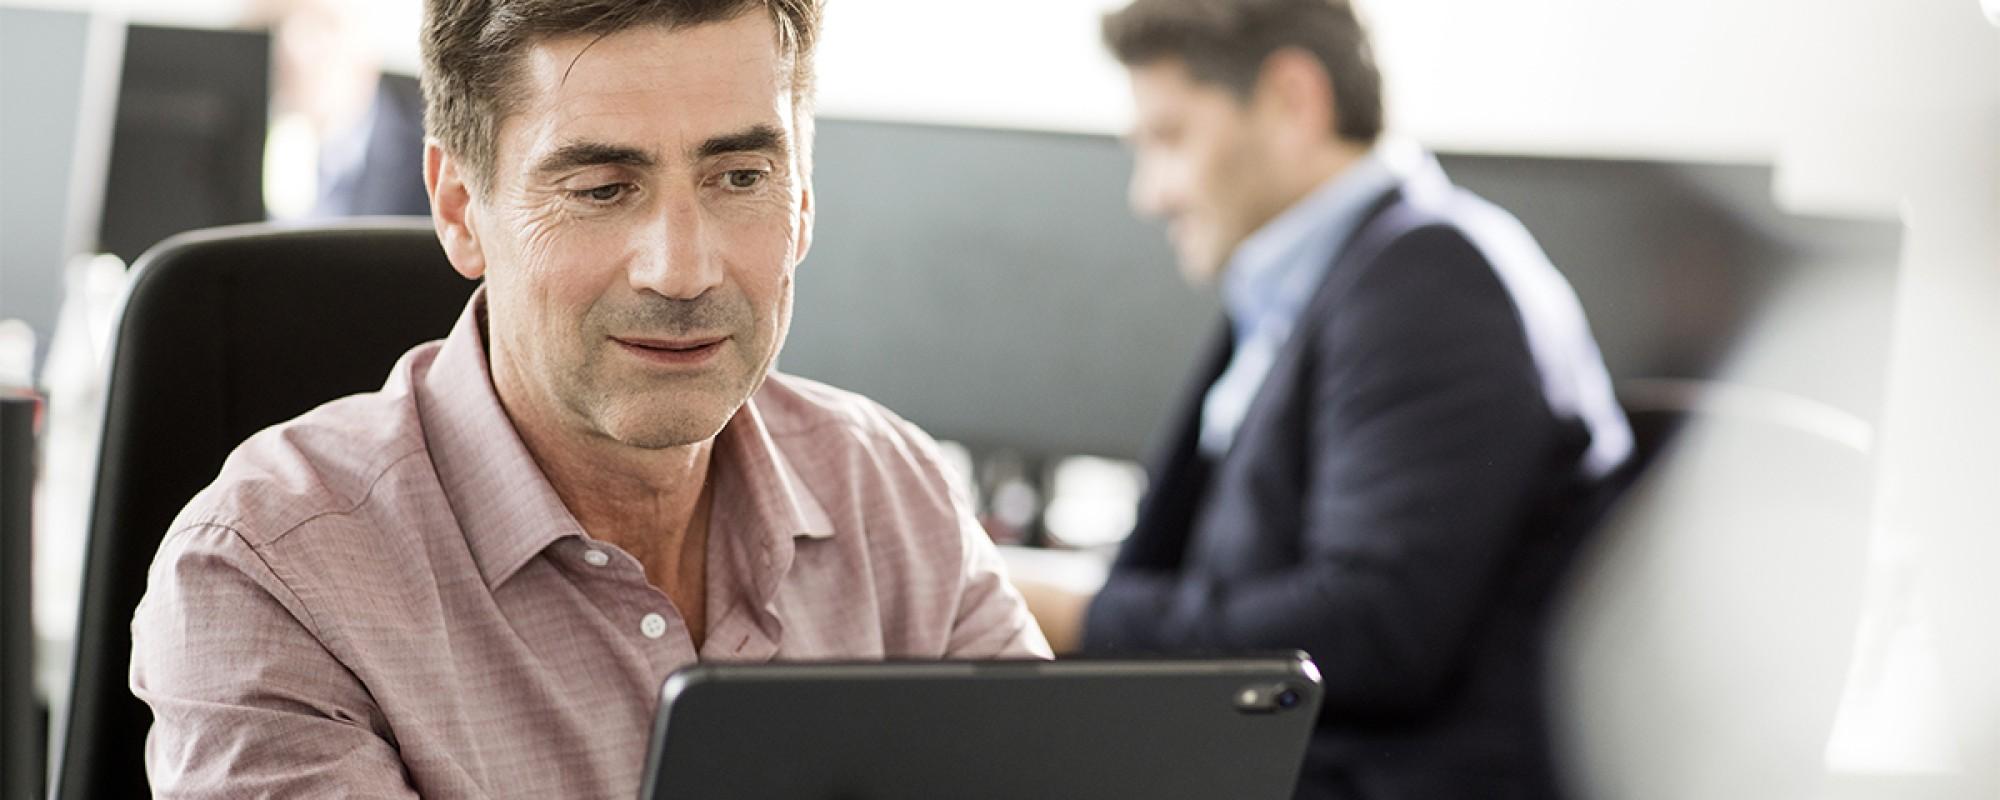 Ein Mann, welcher an einem iPad arbeitet.